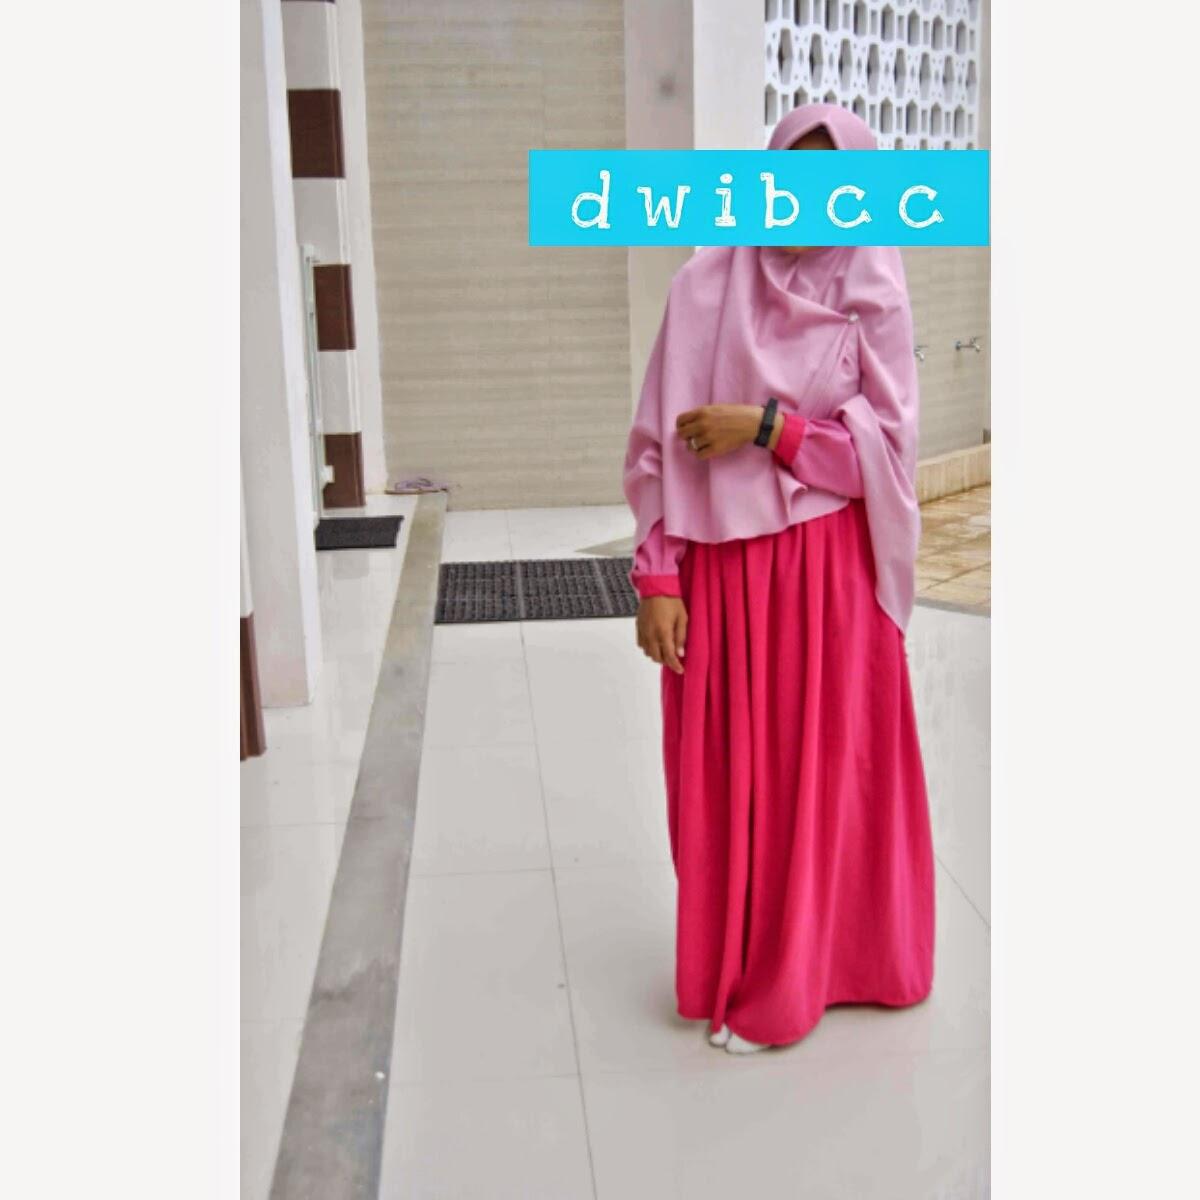 gamis syar'i dwibcc hijab